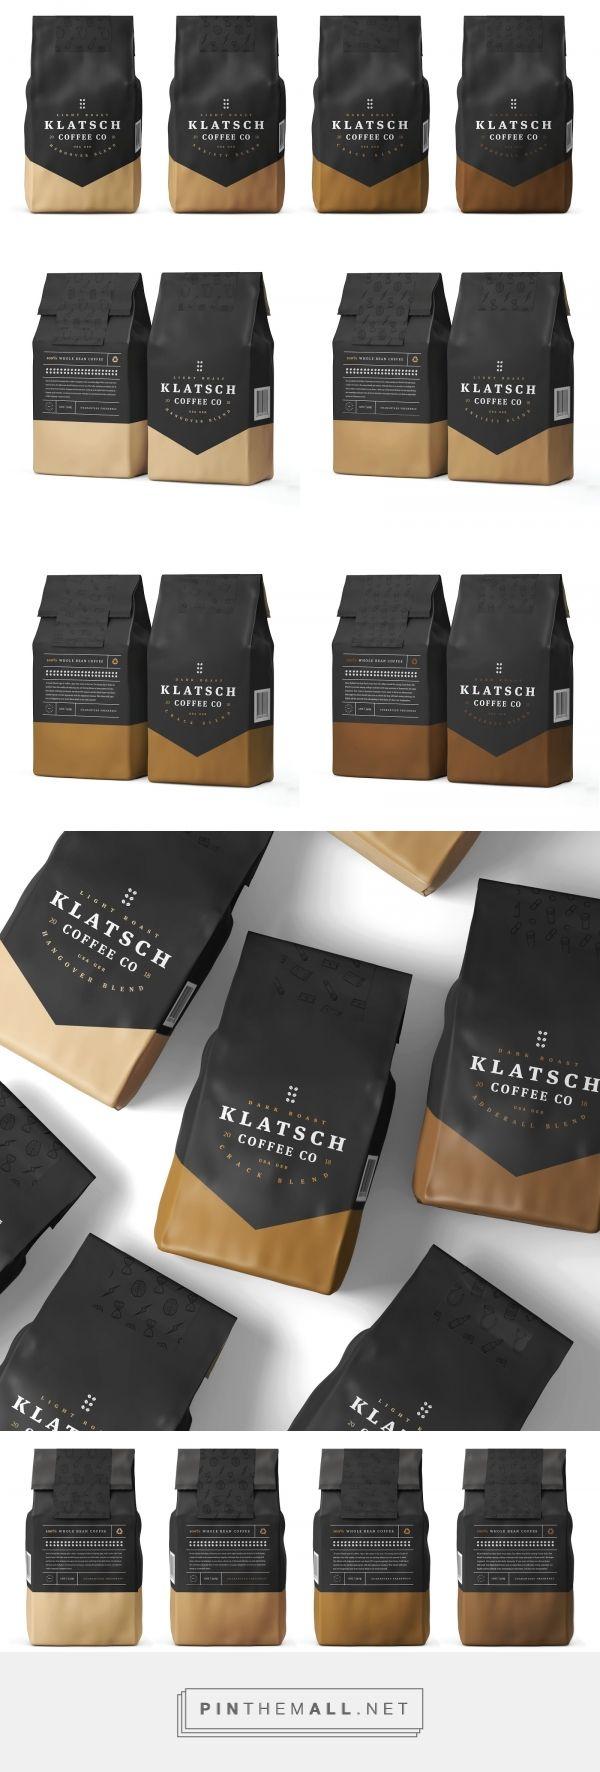 Klatsch Coffee Co (student project) packaging design by David Jaimes - https://www.packagingoftheworld.com/2018/04/klatsch-coffee-co.html - created via https://pinthemall.net